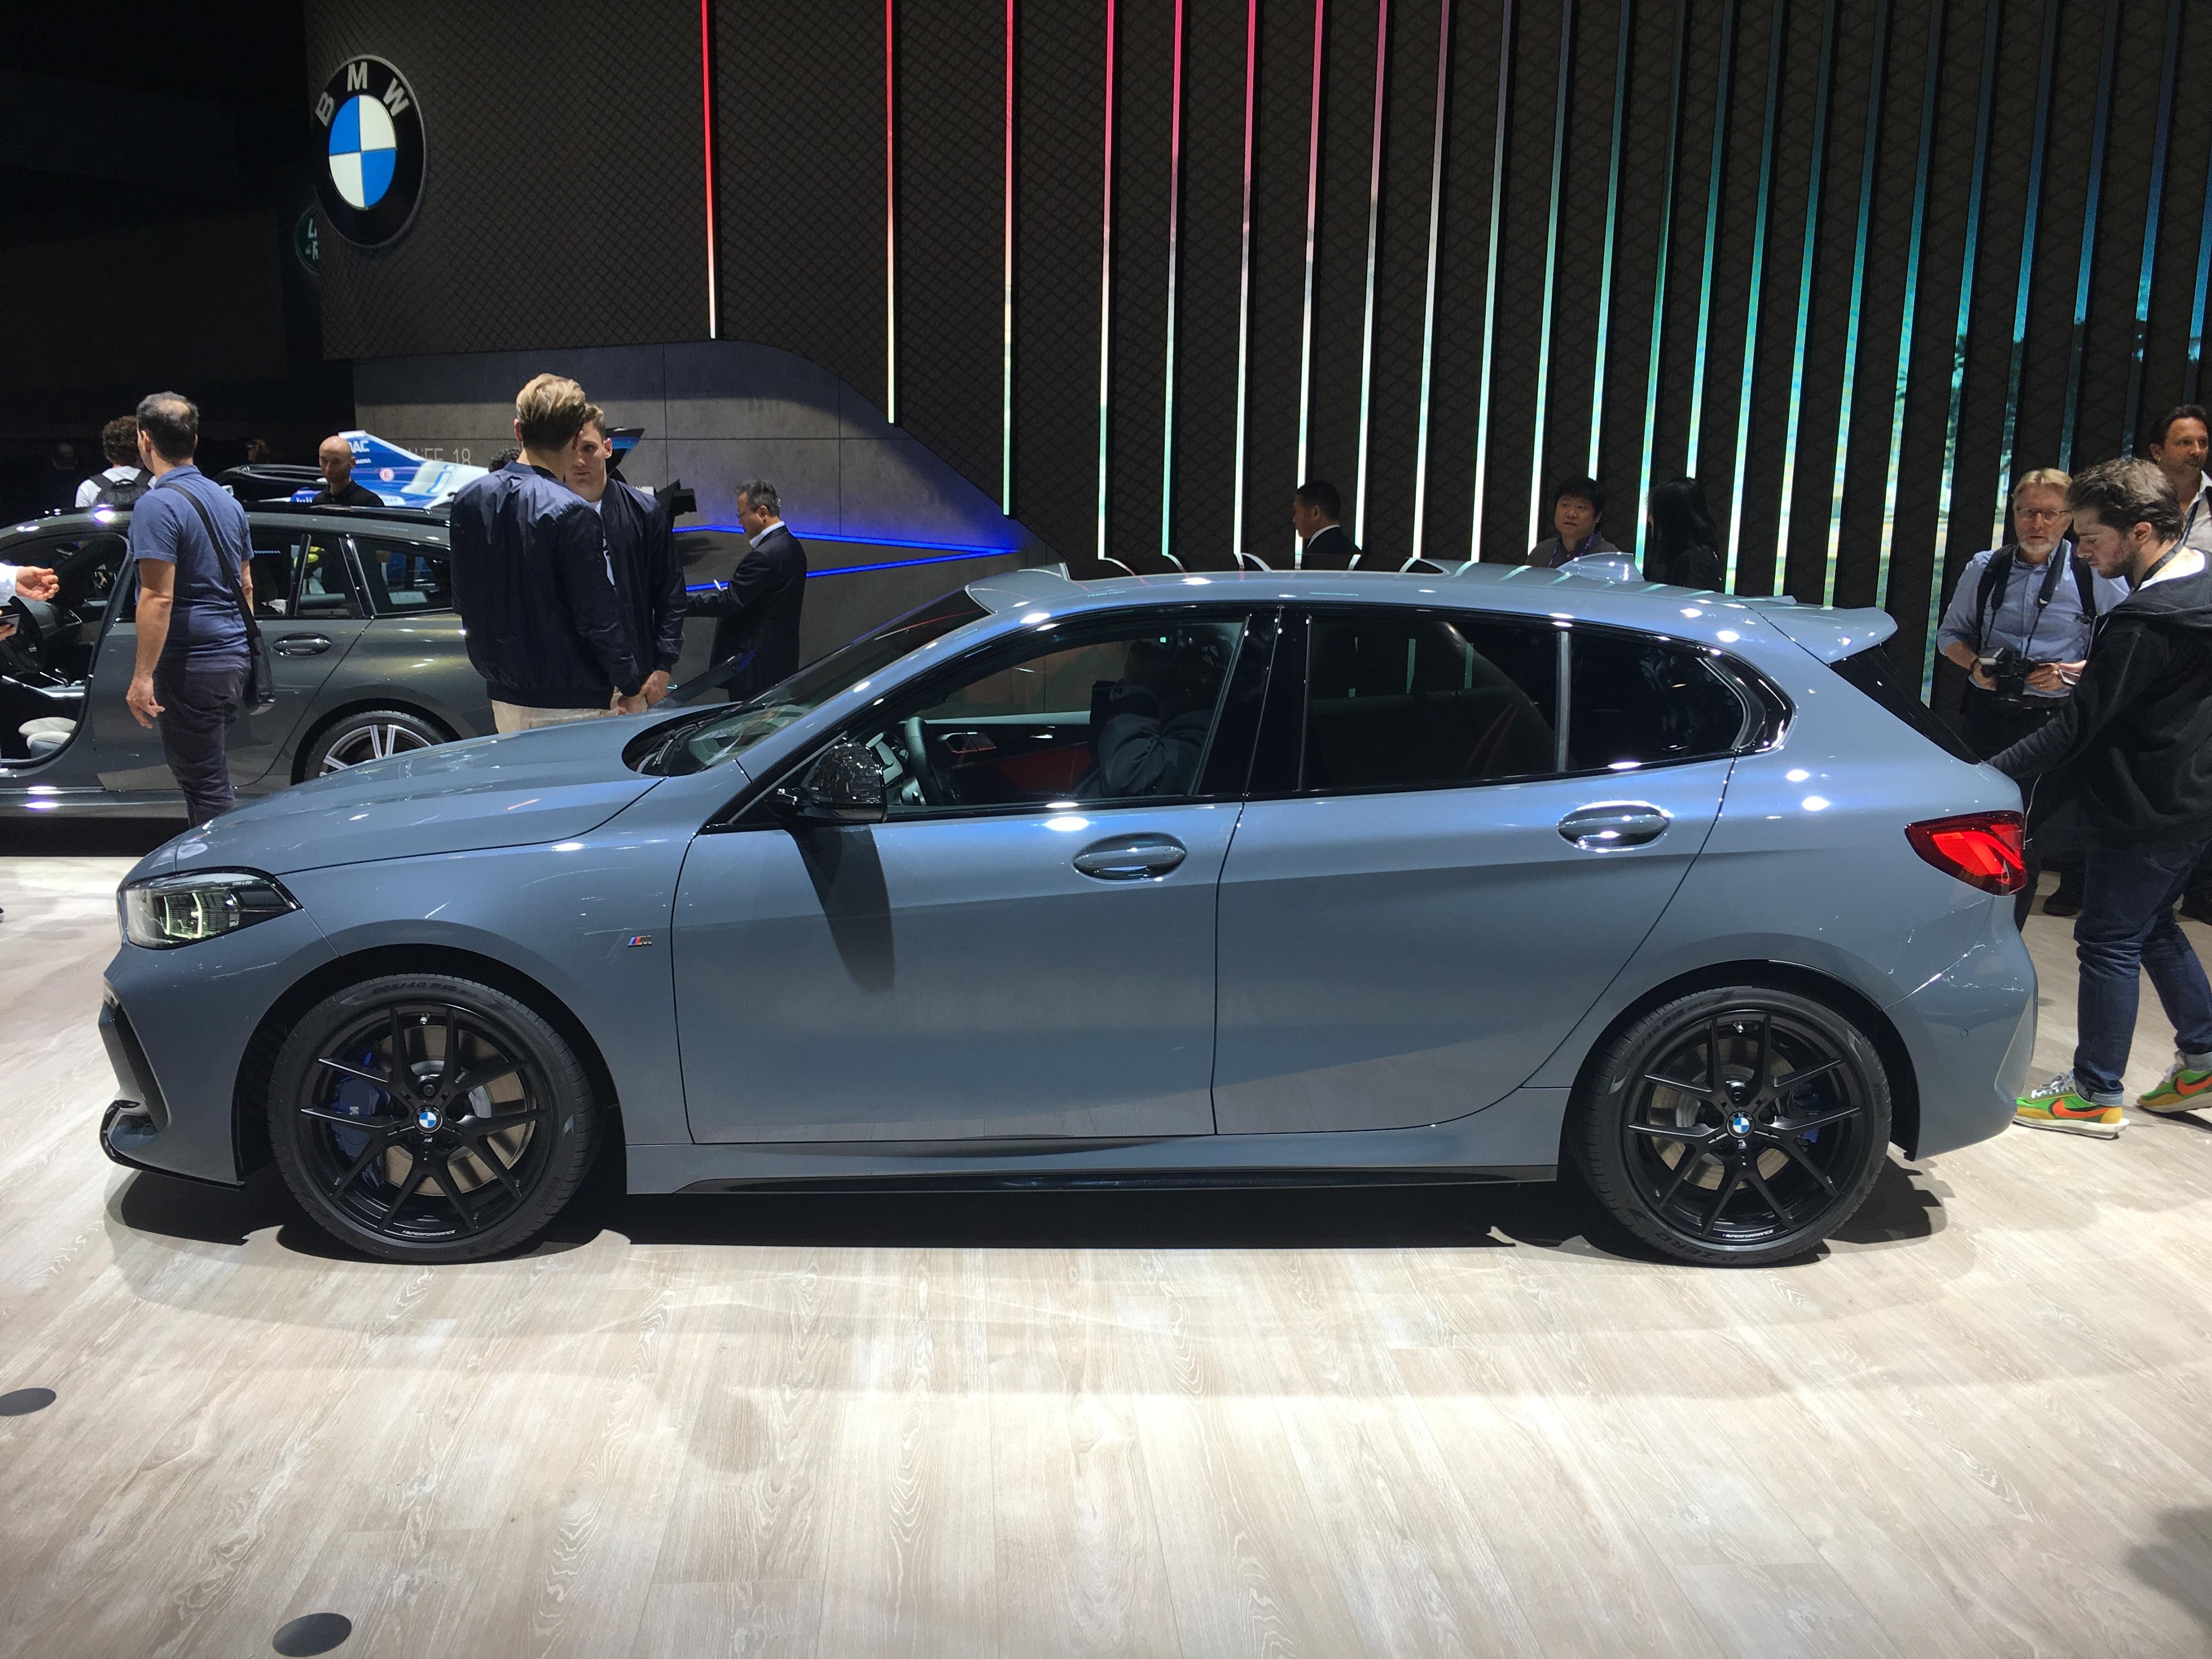 2018 - [BMW] Série 1 III [F40-F41] - Page 27 S0-bmw-serie-1-retrouvez-nous-le-mardi-10-septembre-pour-les-premieres-images-en-direct-602397